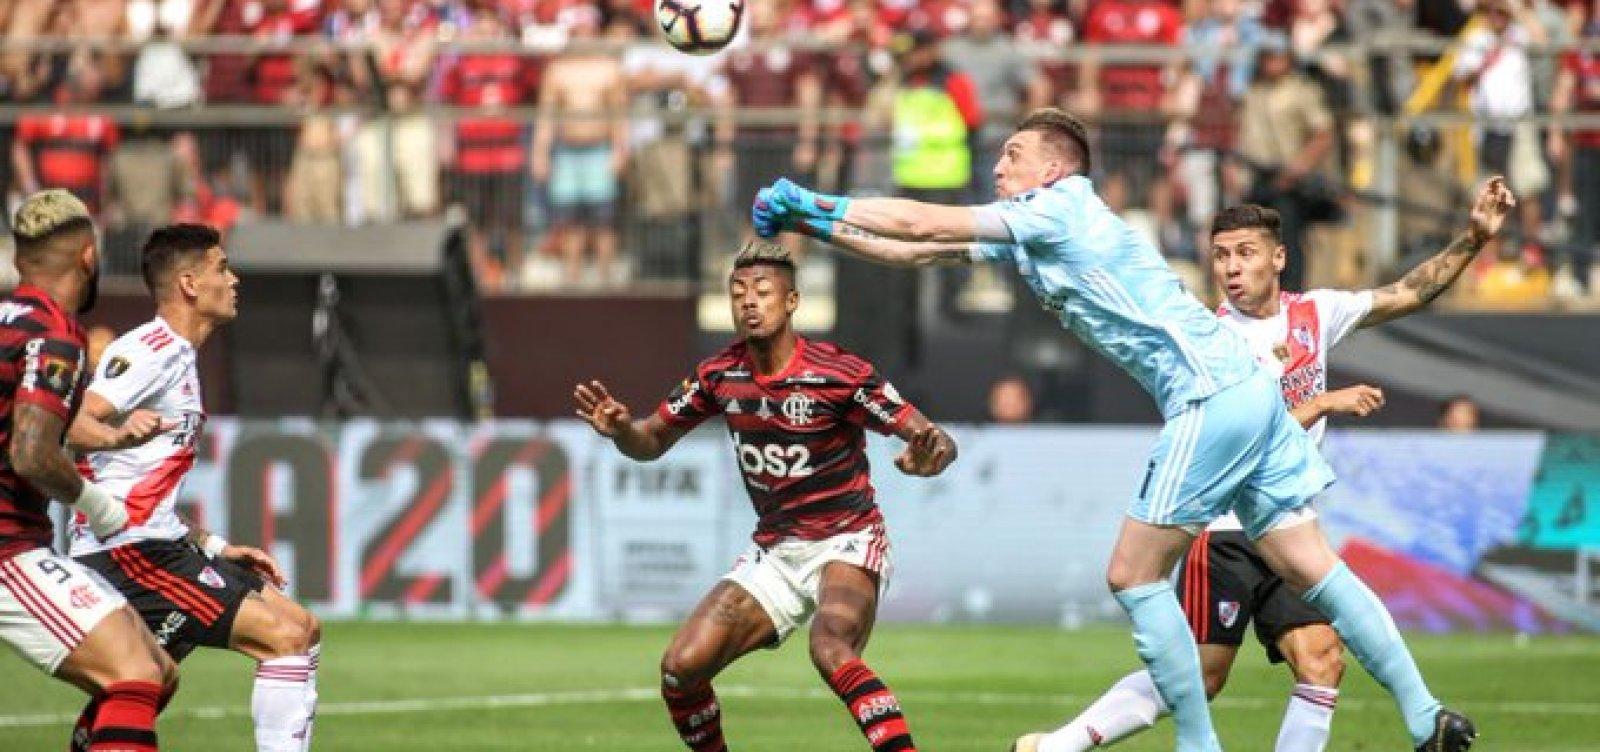 'Pudemos mostrar como o Flamengo é forte', afirma Bruno Henrique após título da Libertadores